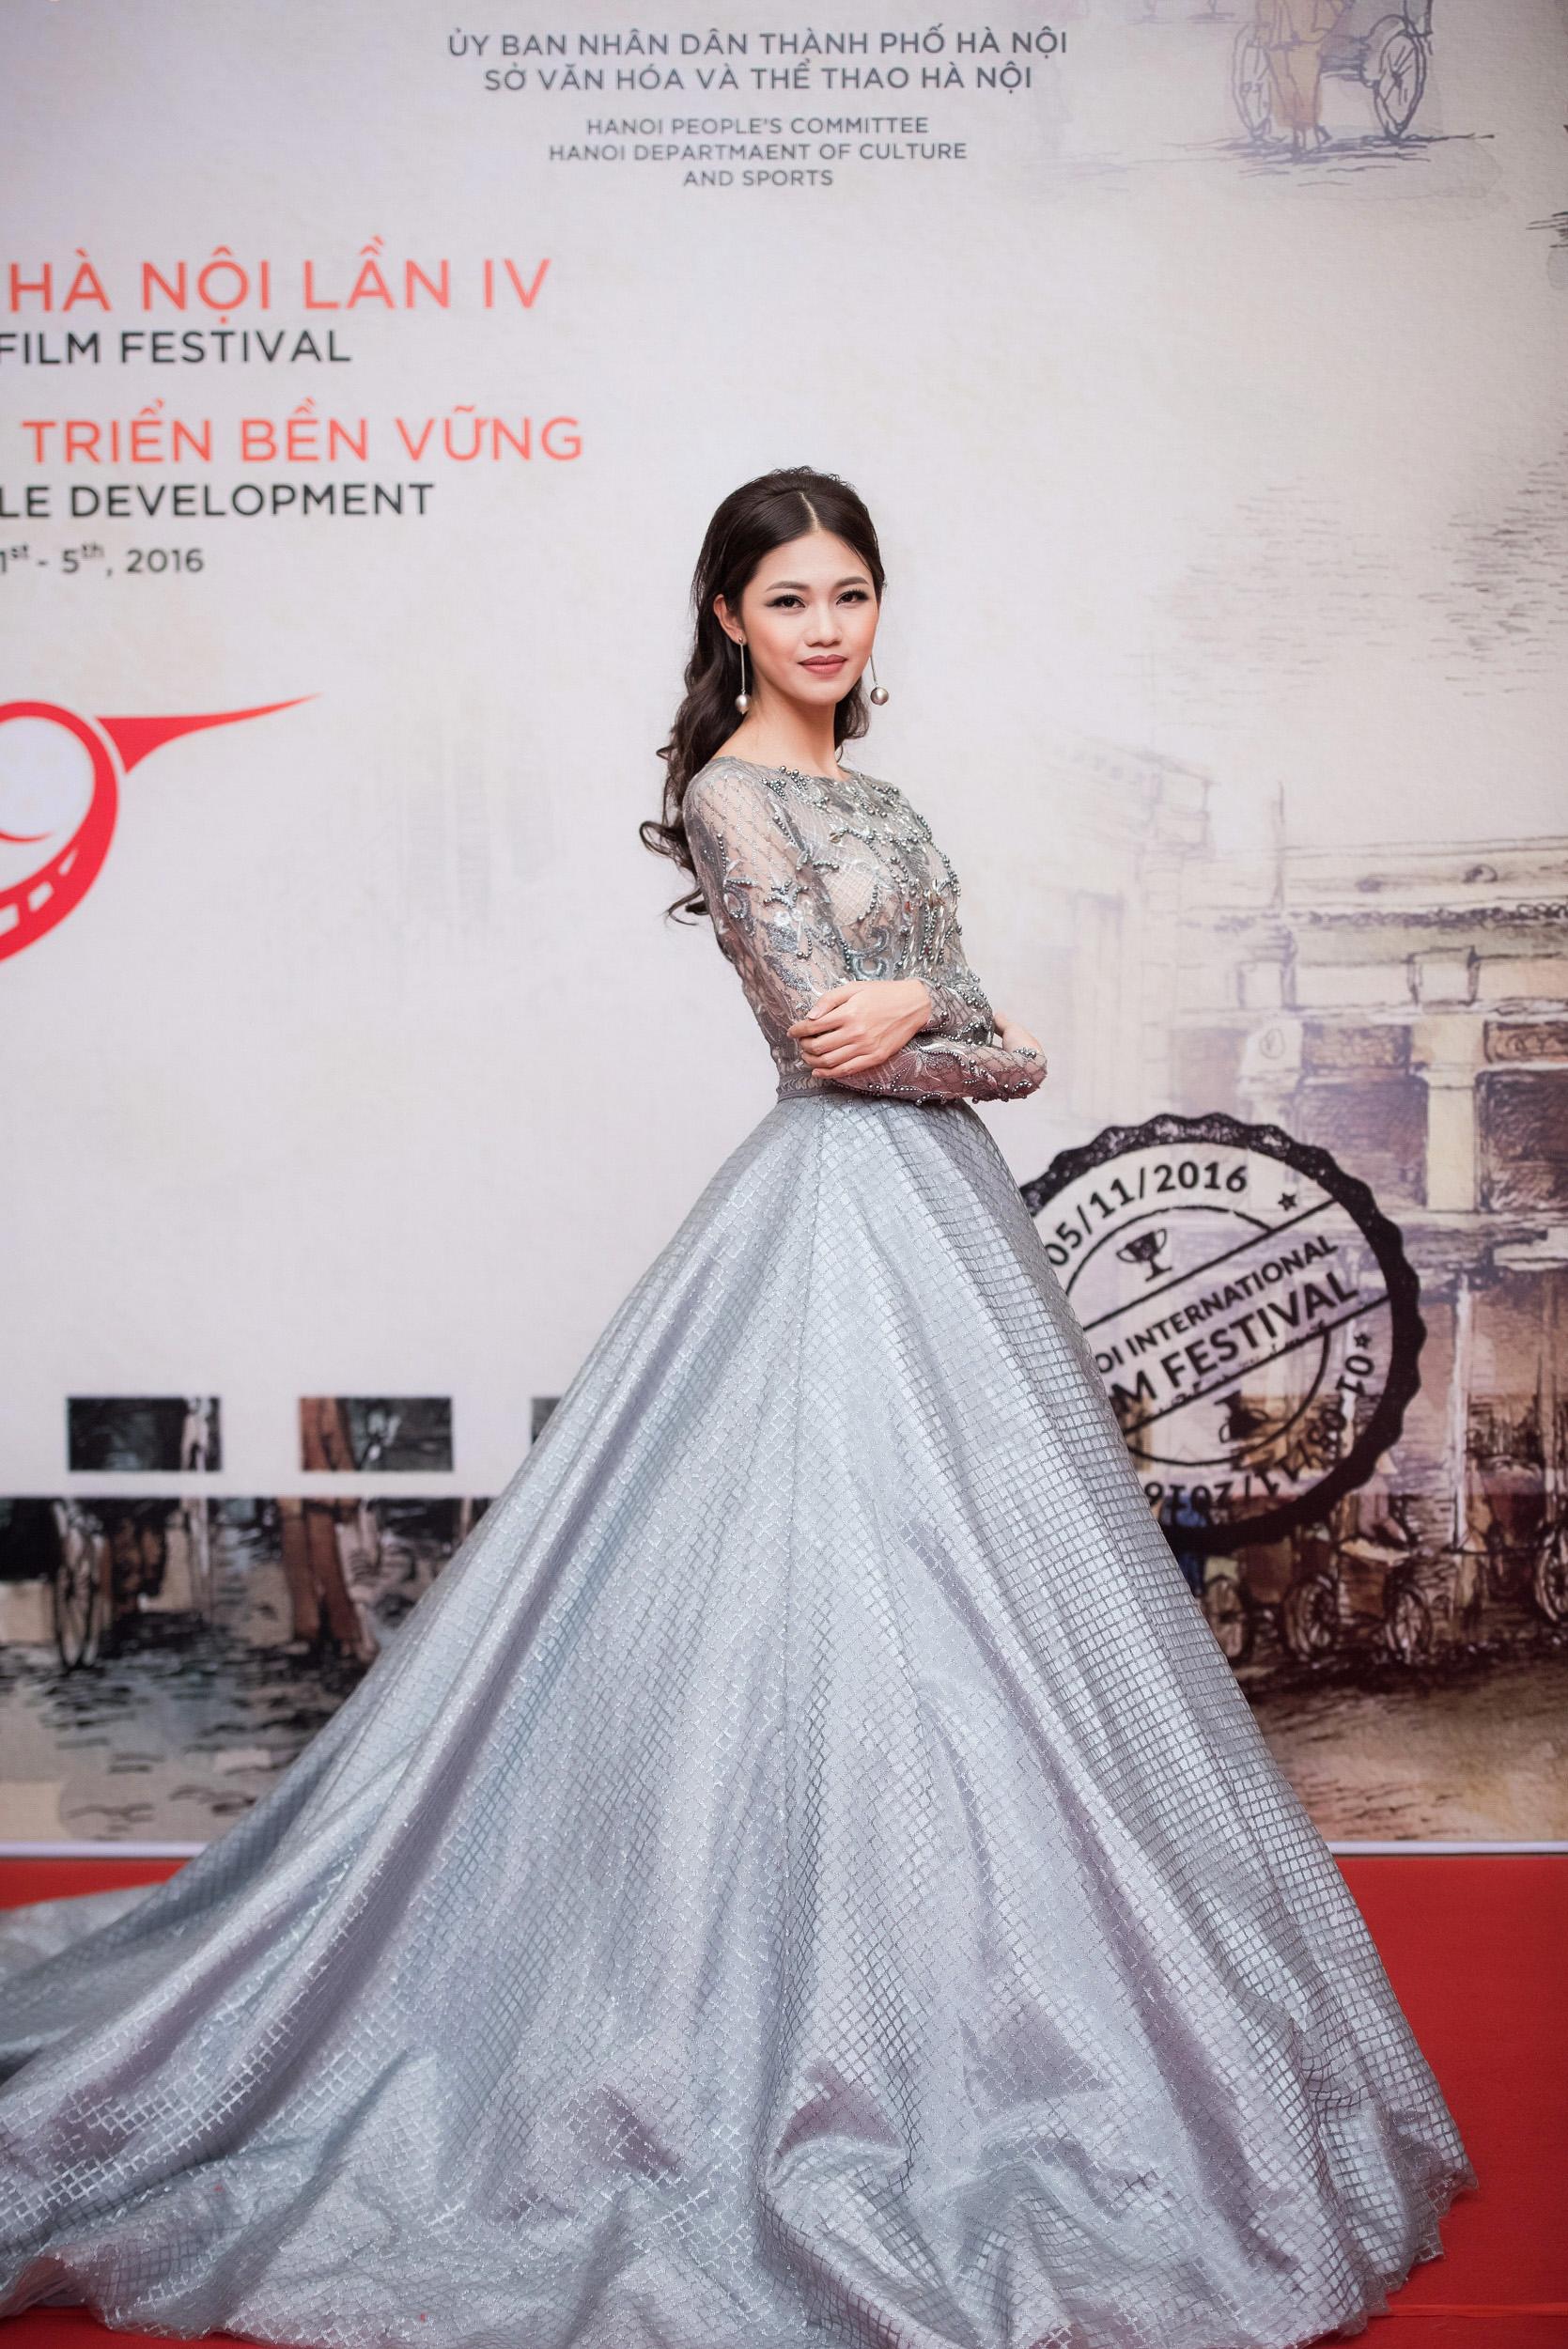 Hoa hậu Mỹ Linh đọ sắc bên Á hậu Thanh Tú trên thảm đỏ 3